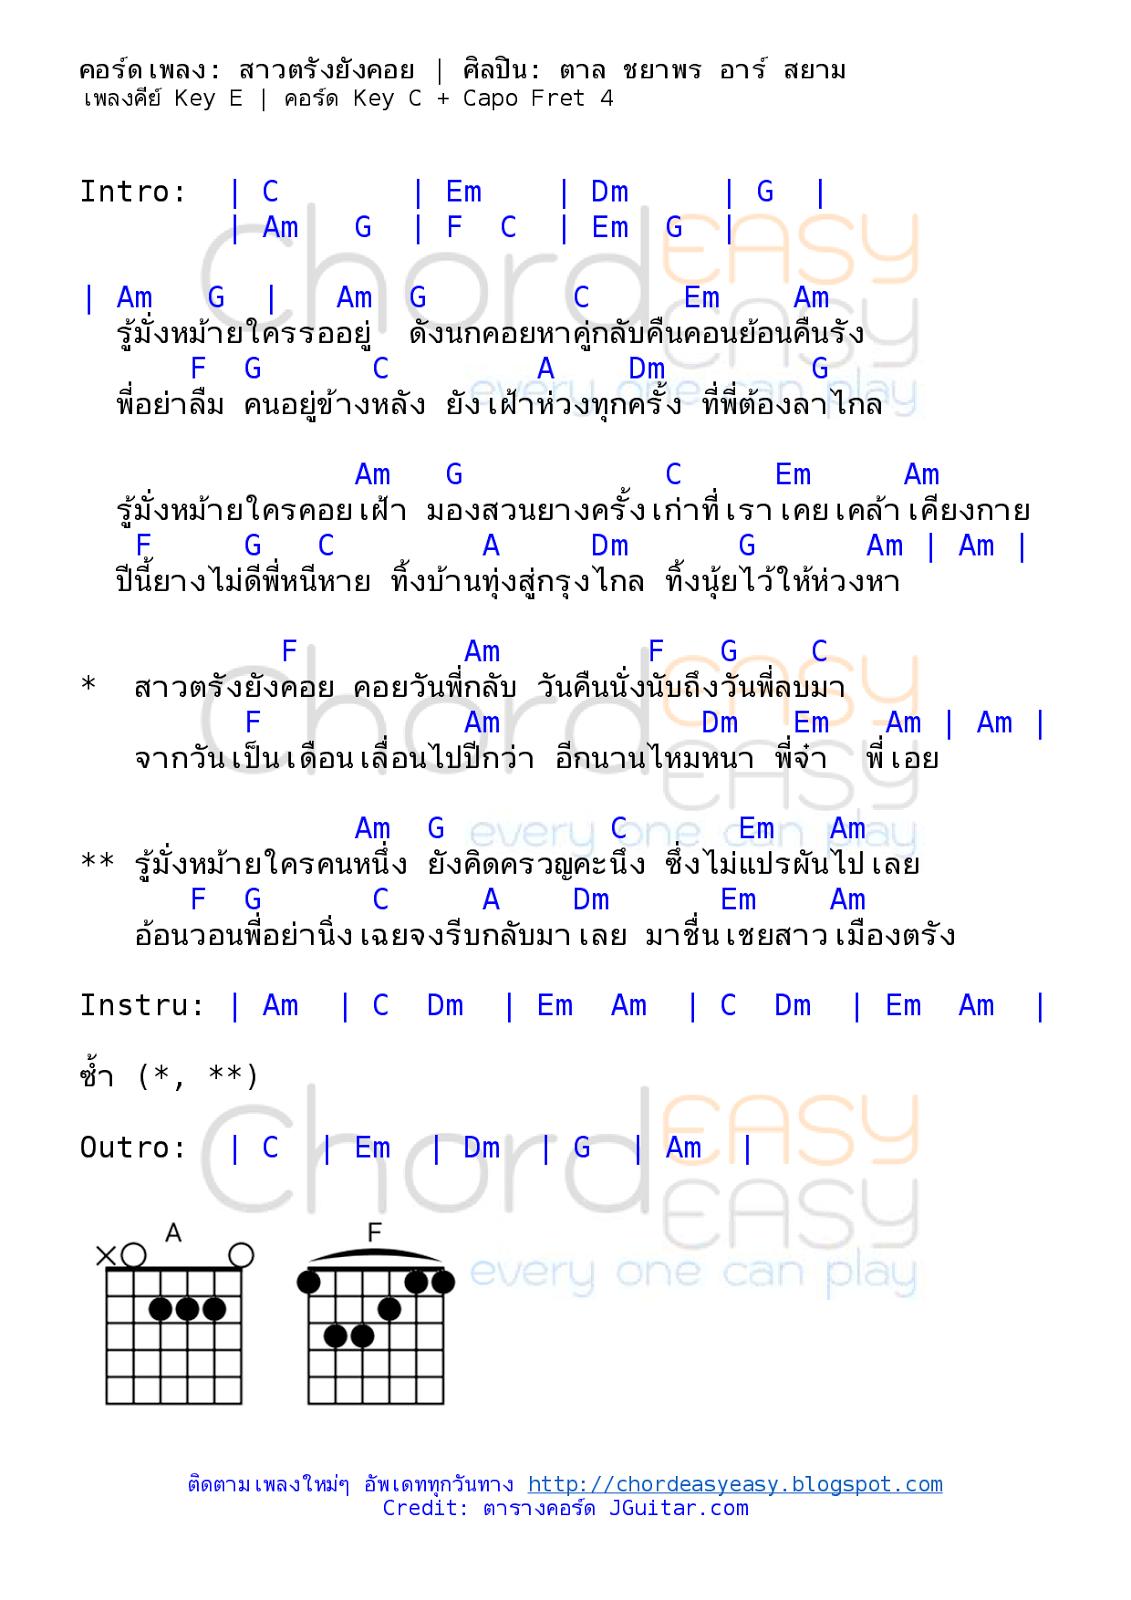 คอร์ดเพลง: สาวตรังยังคอย | ศิลปิน: ตาล ชยาพร อาร์ สยาม | คอร์ดง่าย Key C | คอร์ด สาวตรังยังคอย | คอร์ดเพลง สาวตรังยังคอย | คอร์ดกีตาร์ | Ukulele | เนื้อร้อง | เนื้อเพลง สาวตรังยังคอย | ตาล ชยาพร อาร์ สยาม